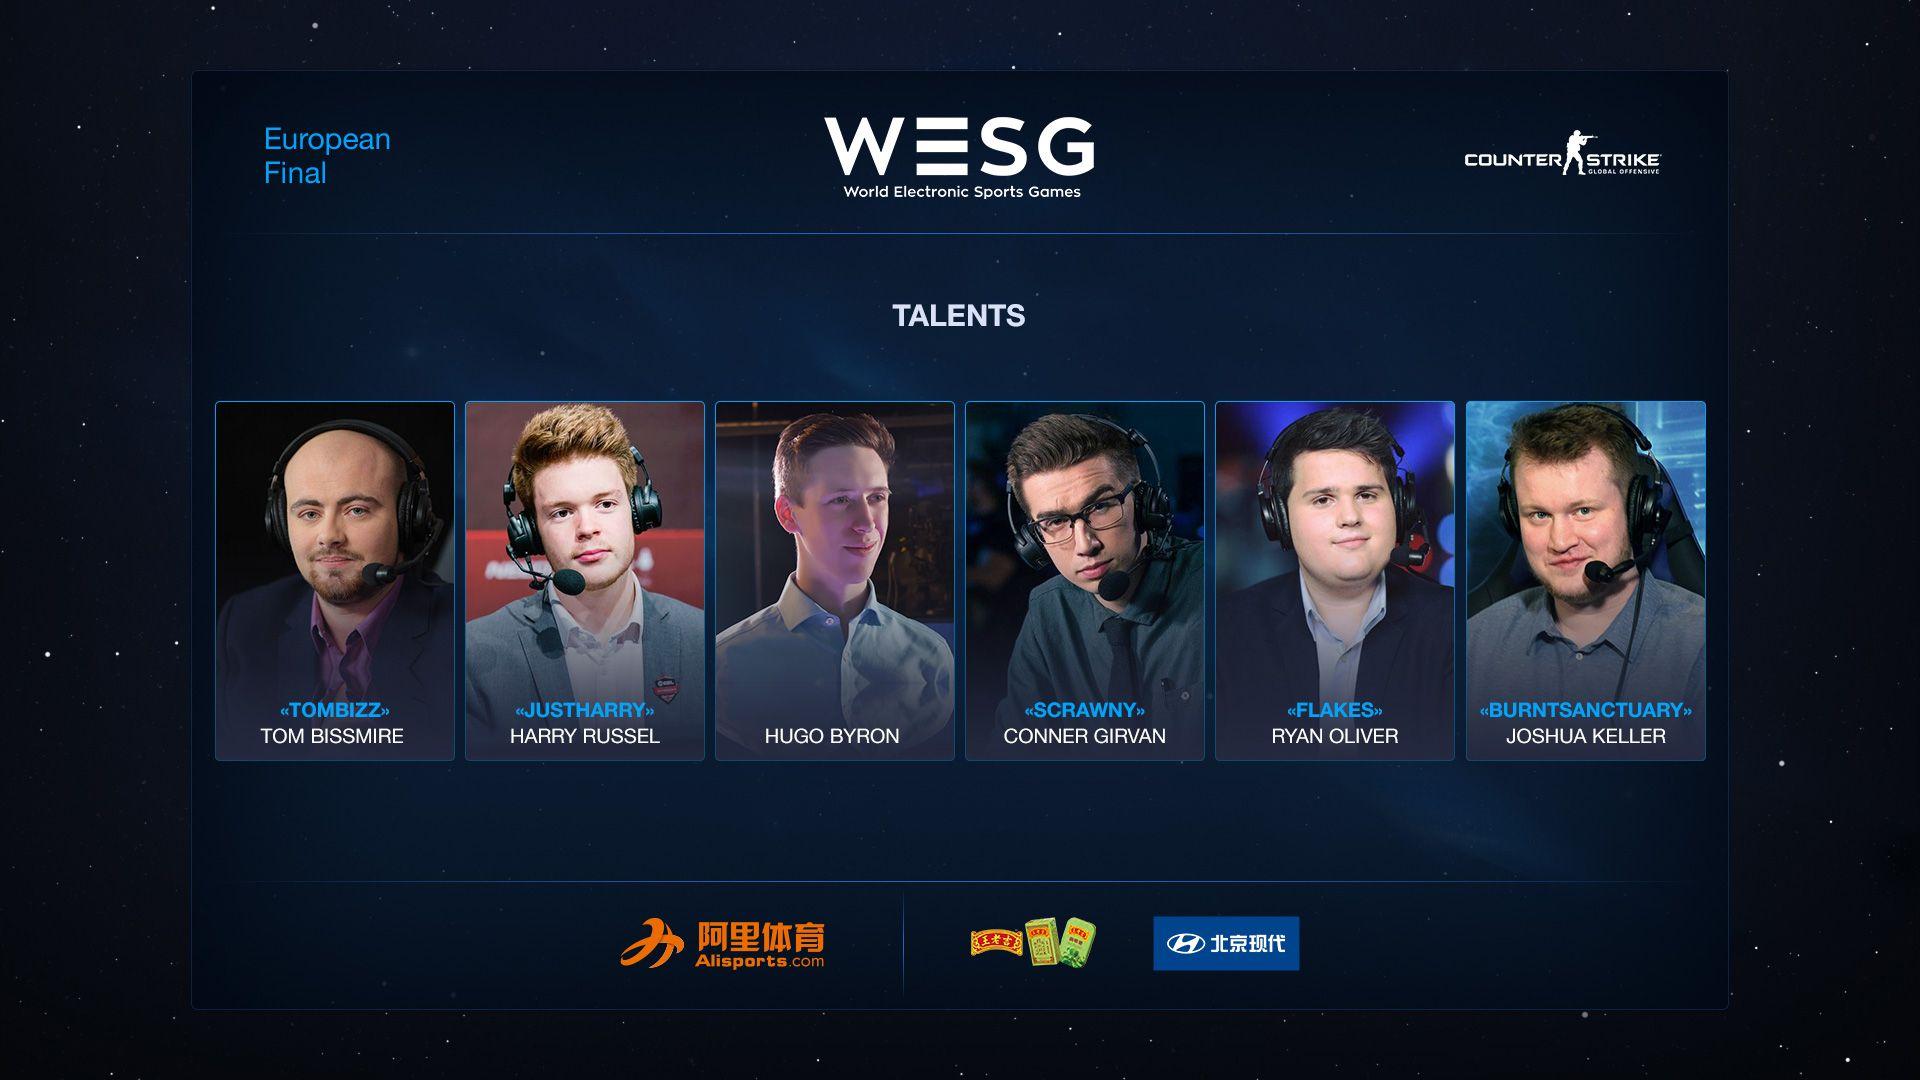 Talent-list for WESG CS:GO EU Finals